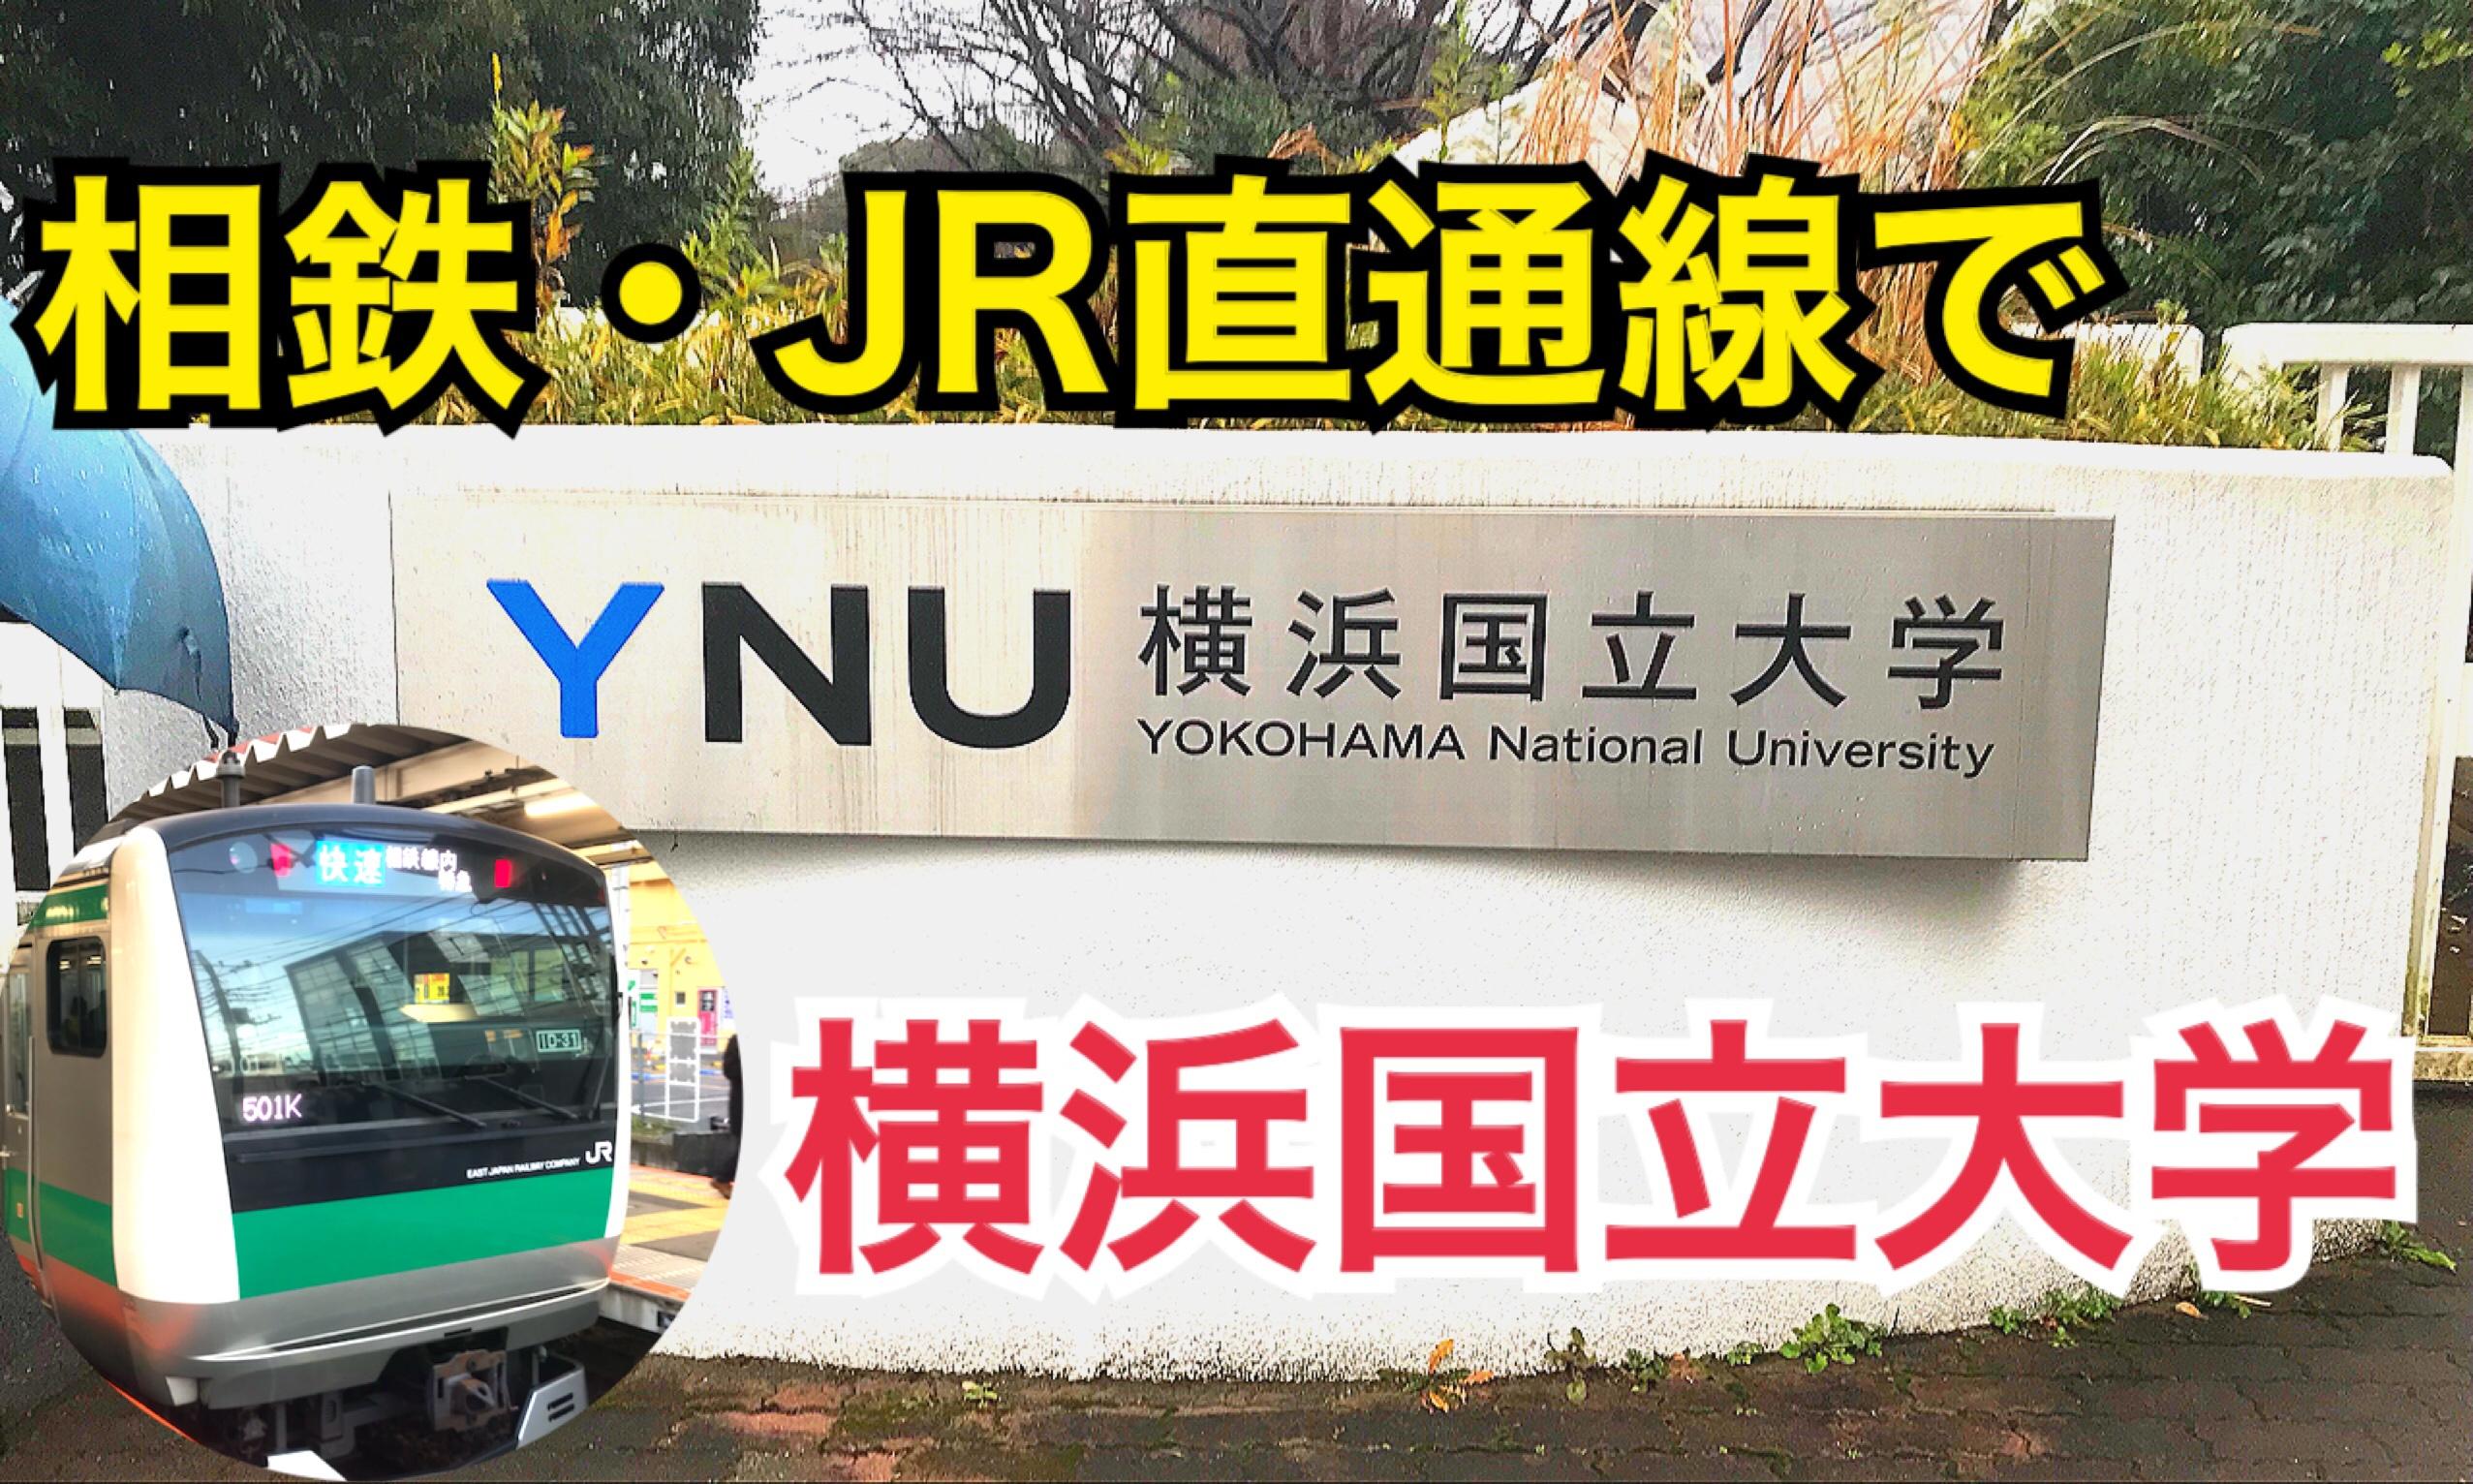 【センター試験】ガラガラの相鉄・JR直通線で横浜国立大学へ。センター試験当日でもガラガラなのはなぜ?